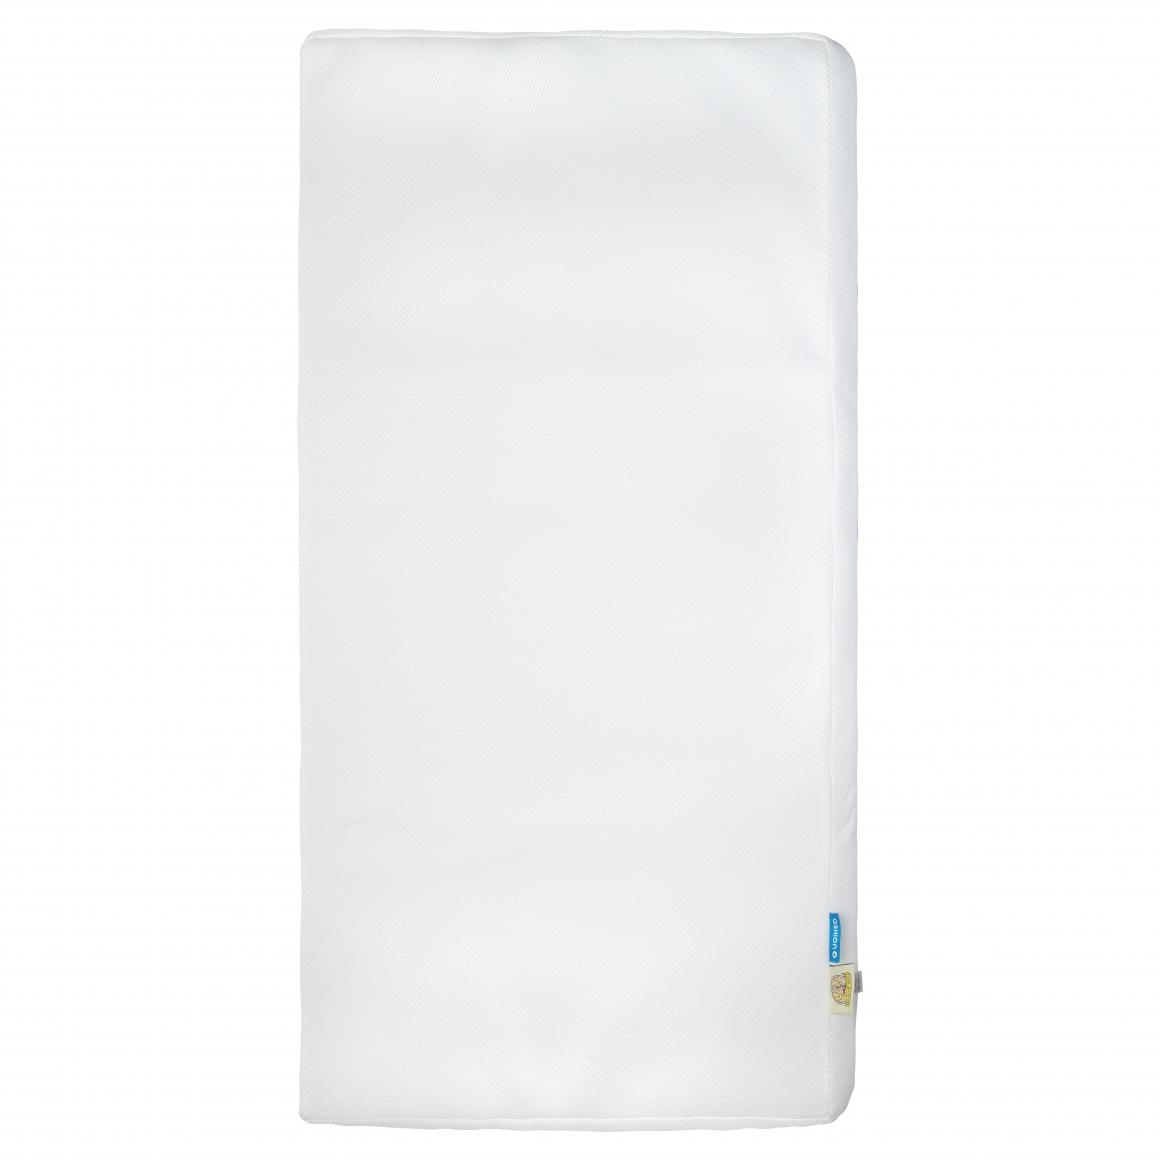 301-4006 Q絲床墊(中層布套)